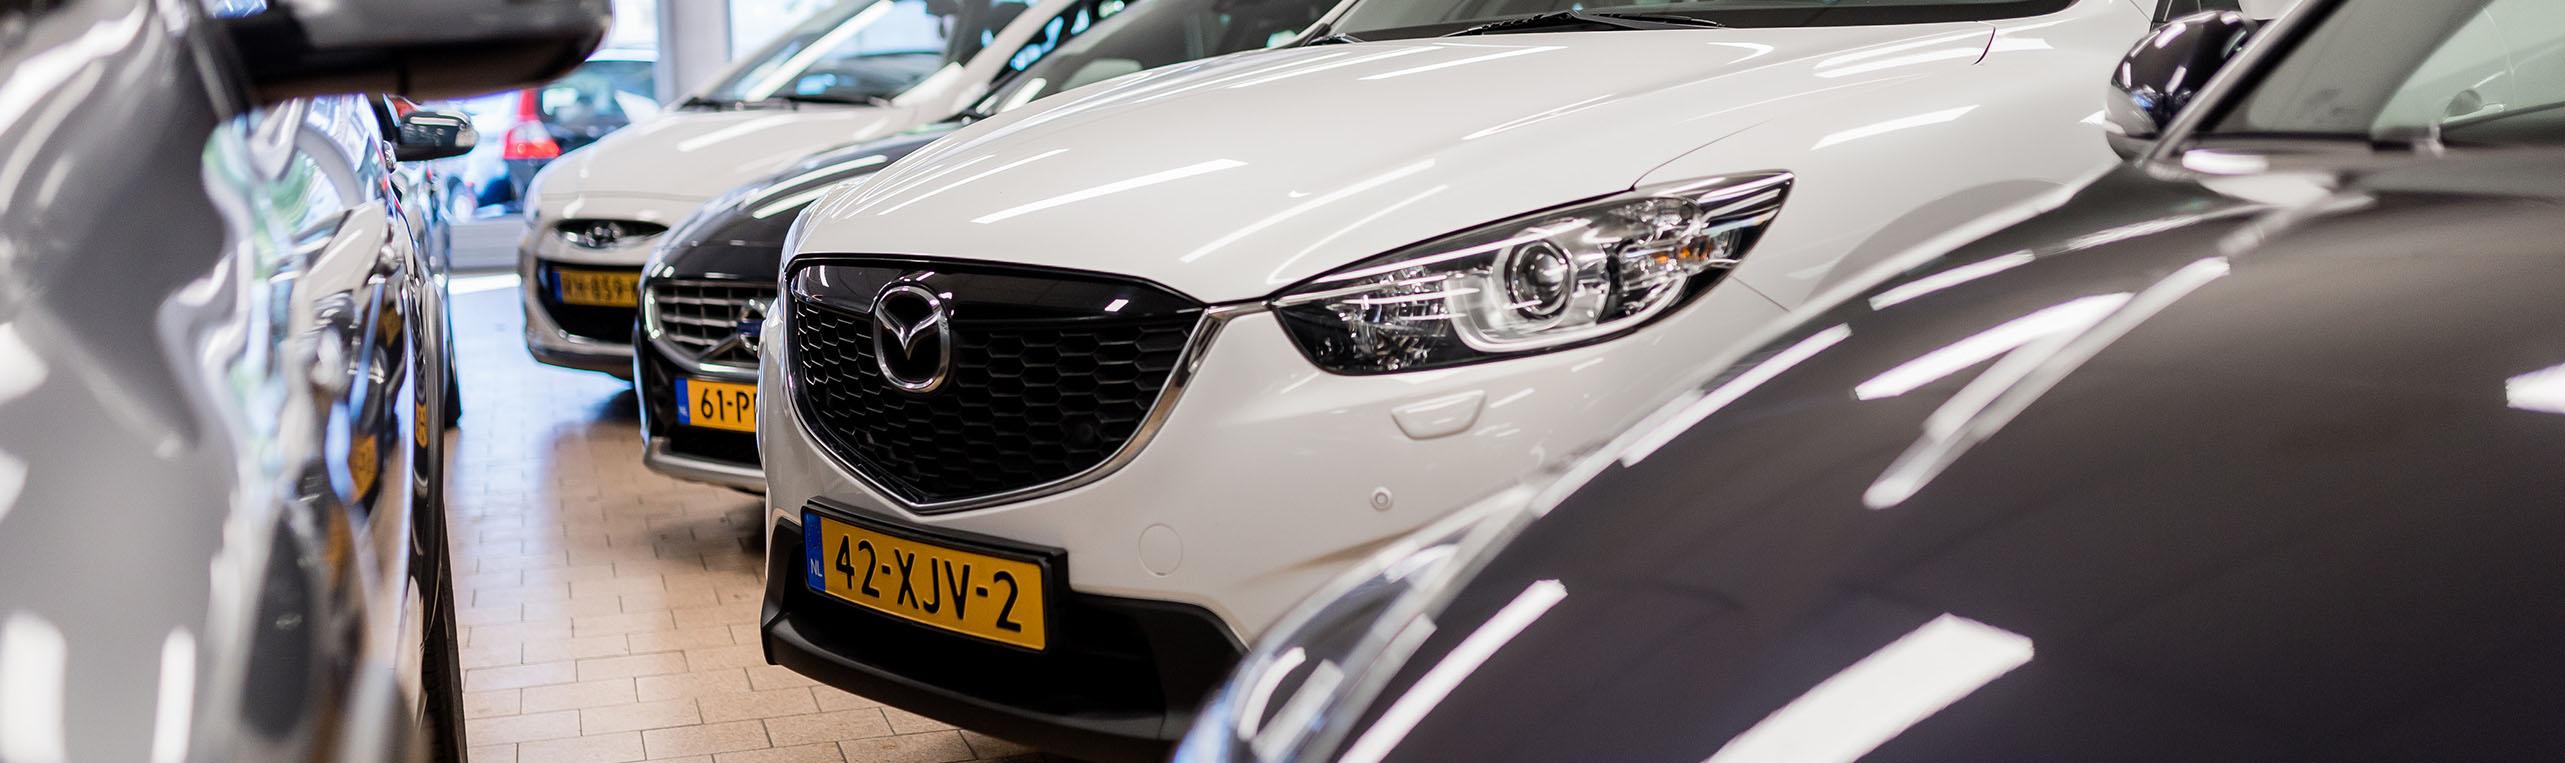 Auto kopen bij Autobedrijf van der Kwaak